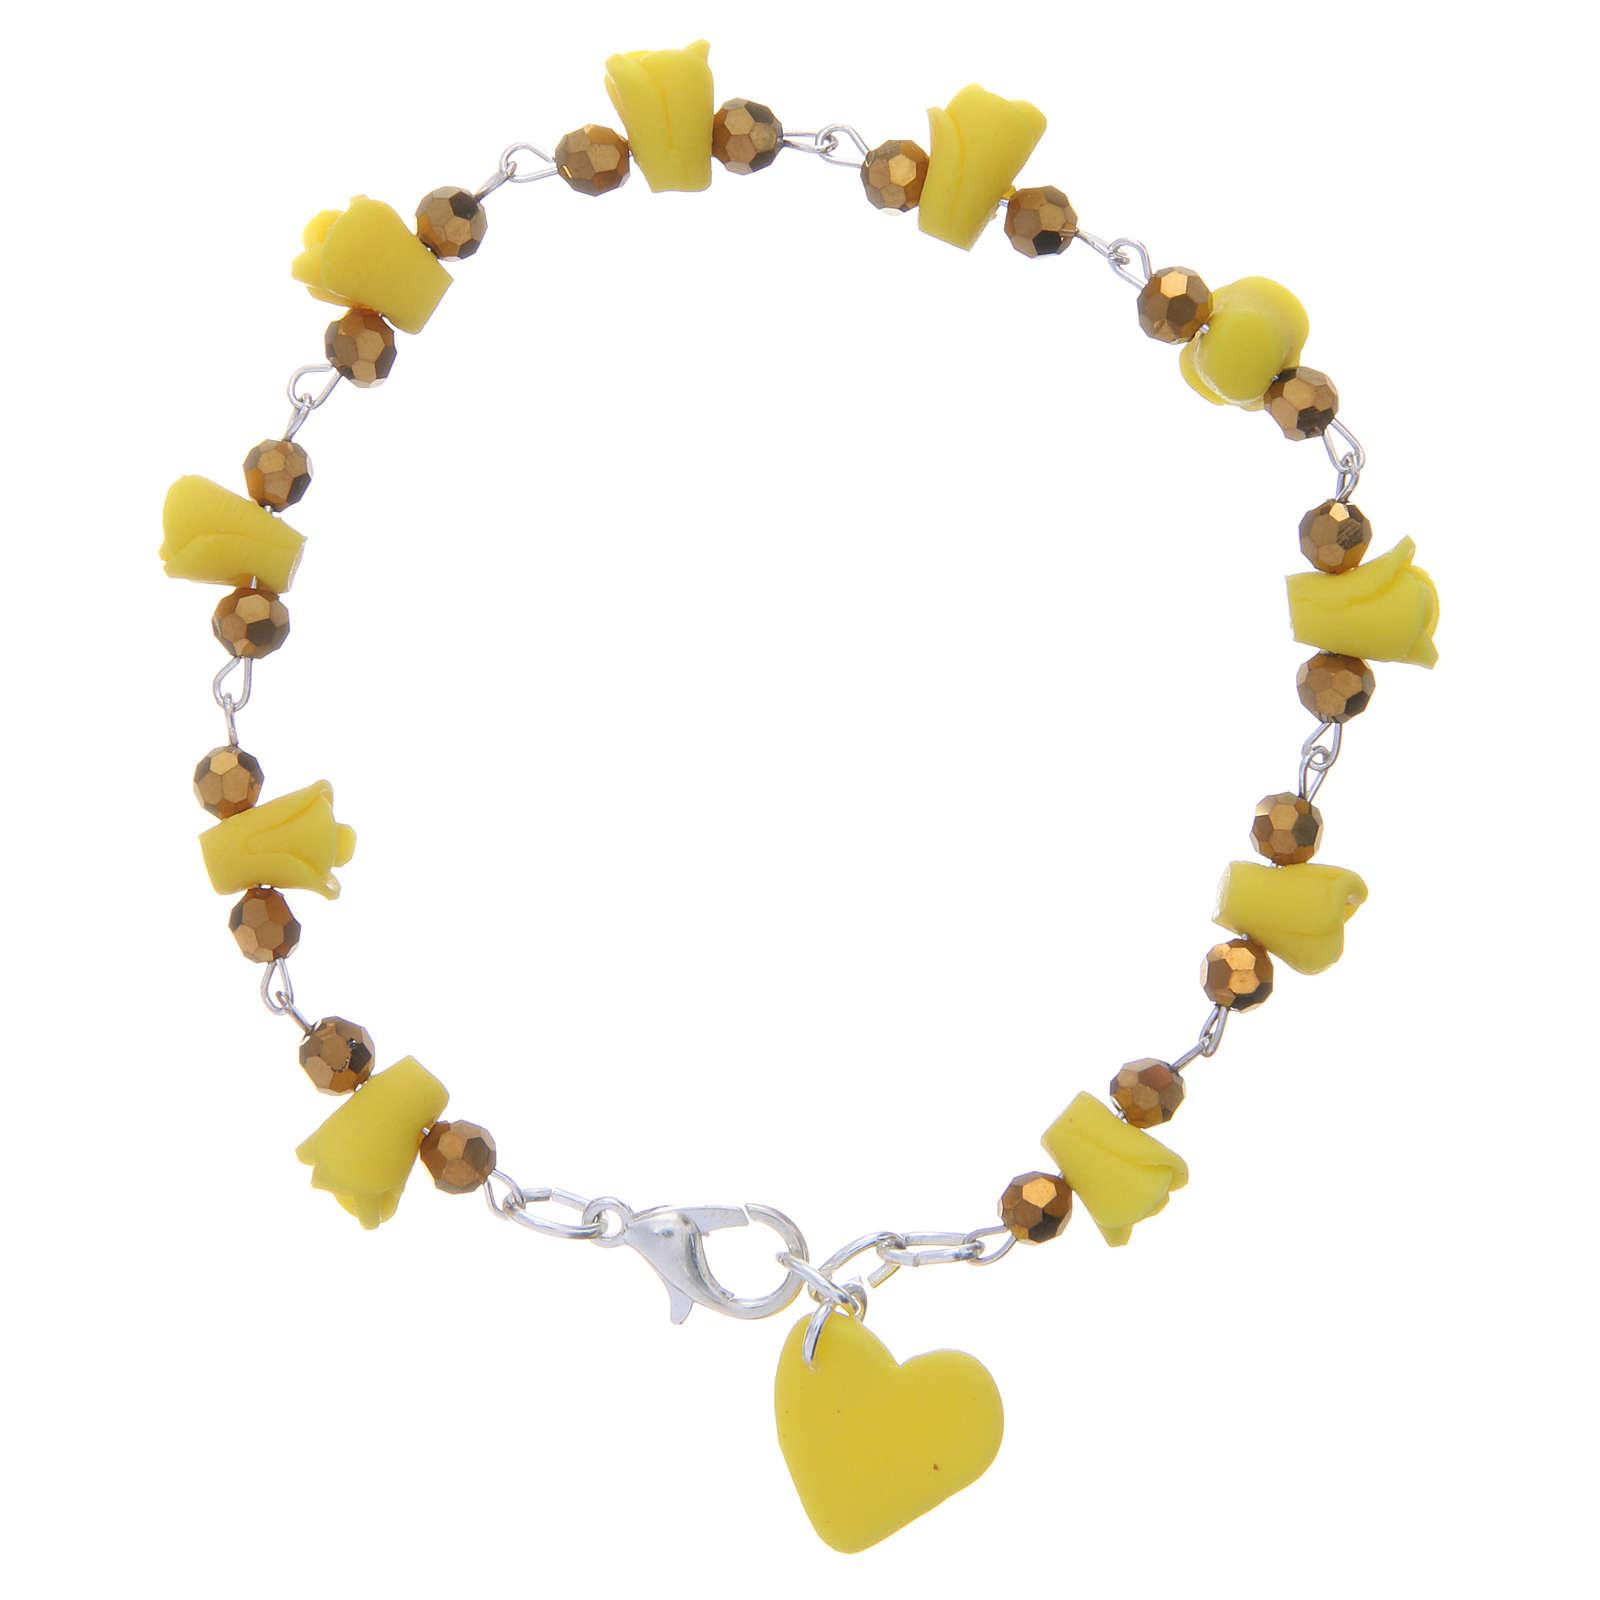 Bracciale Medjugorje giallo rose e cuore ceramica 4